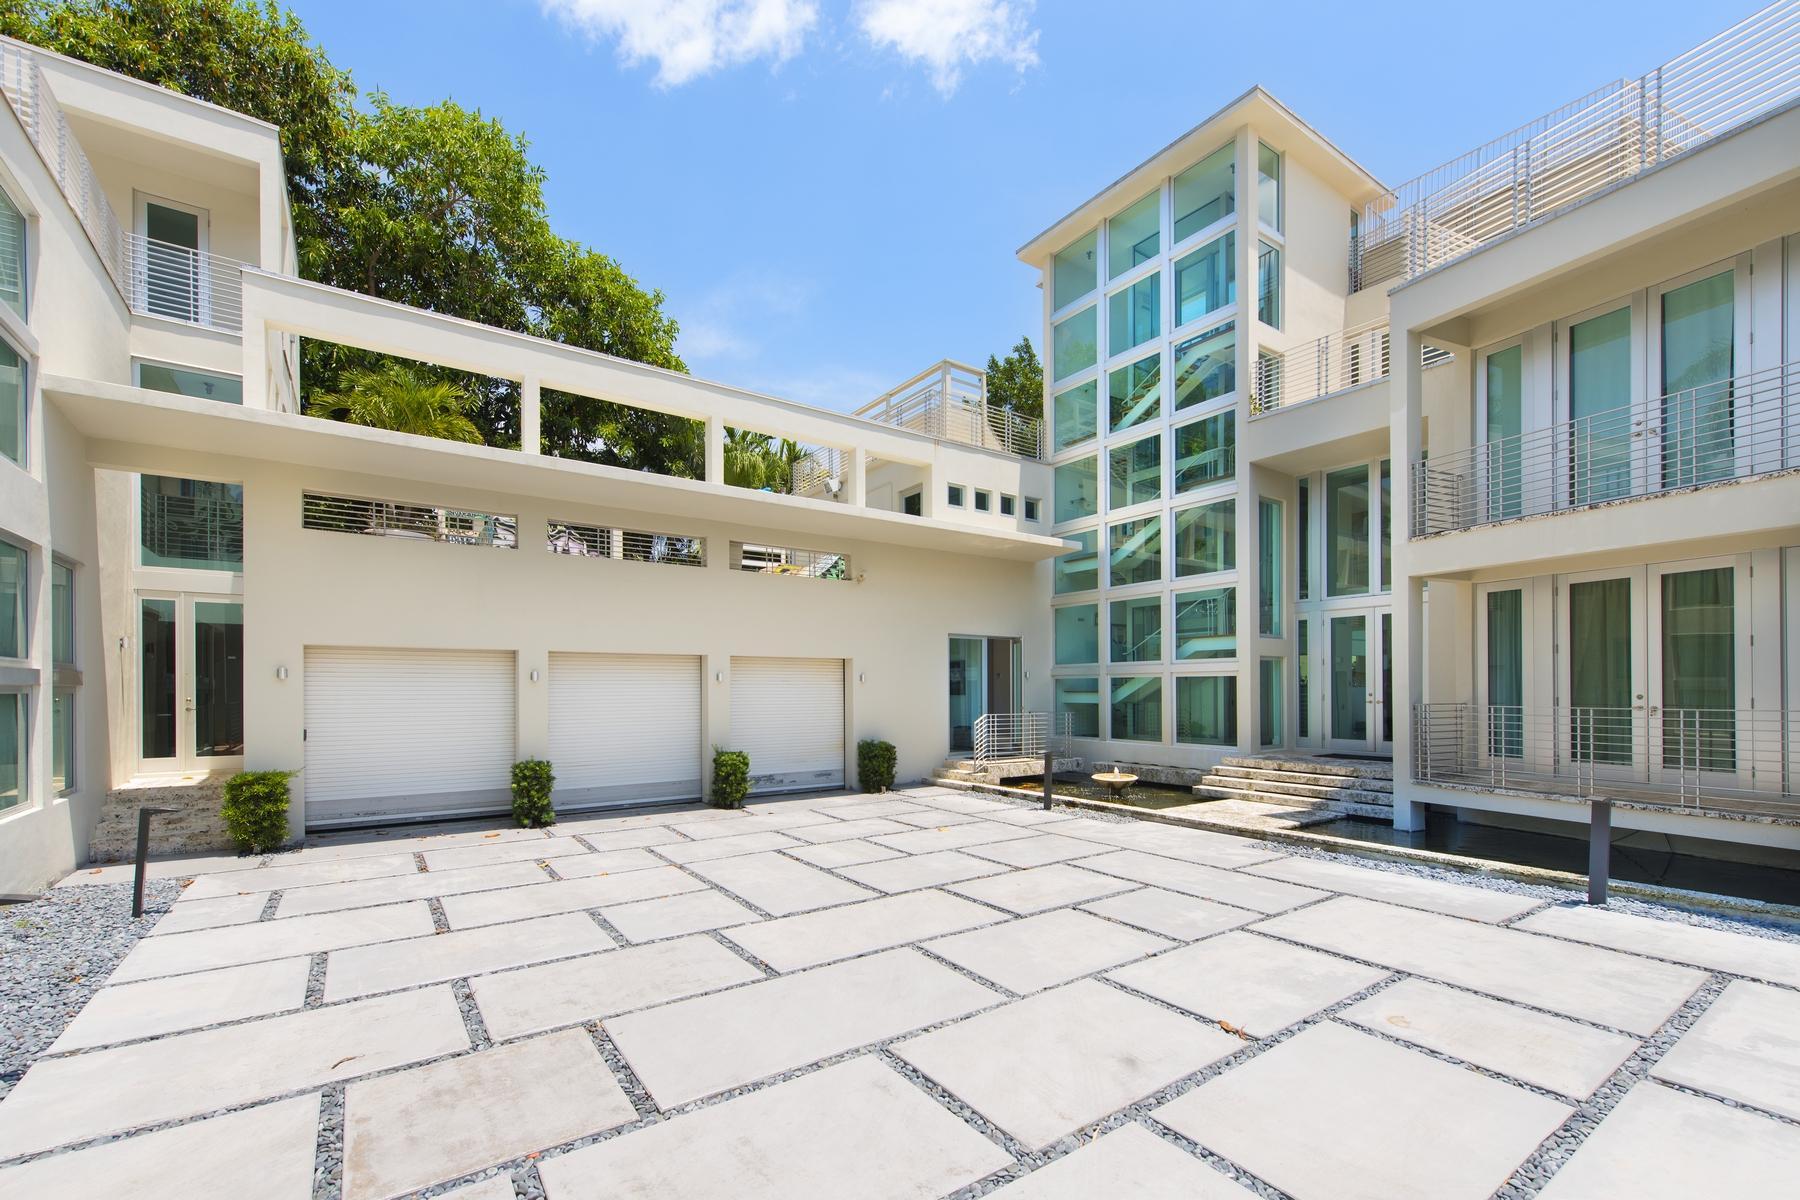 picture-uh=f1726f15e87e88f399bc8e19e8e46b2-ps=b0d937196c852e68a1bff669ad6f3cb-94-Lagorce-Cir-Miami-Beach-FL-33141.jpg